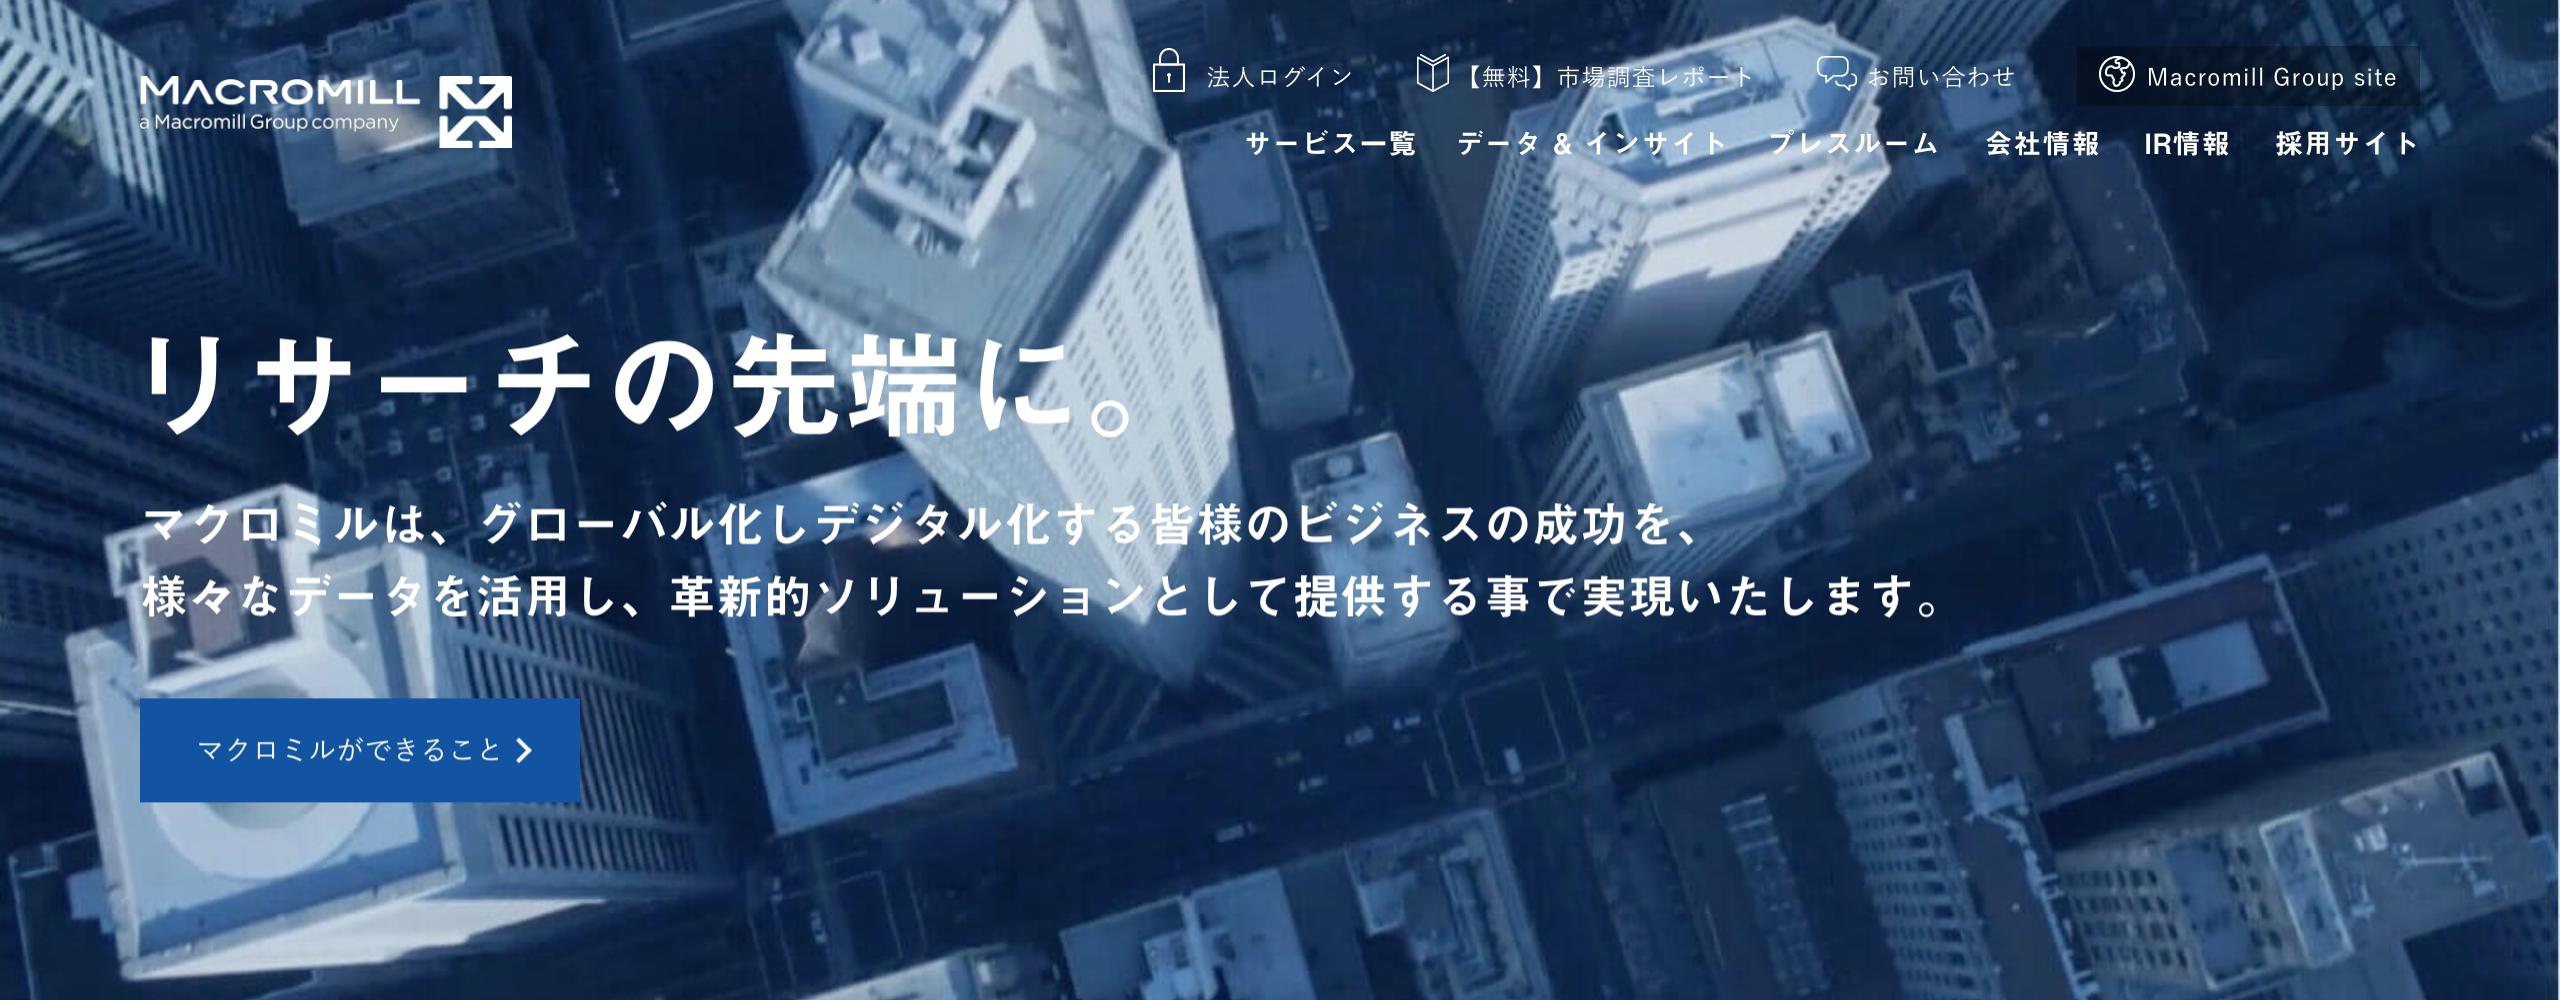 マクロミル_サイトtop